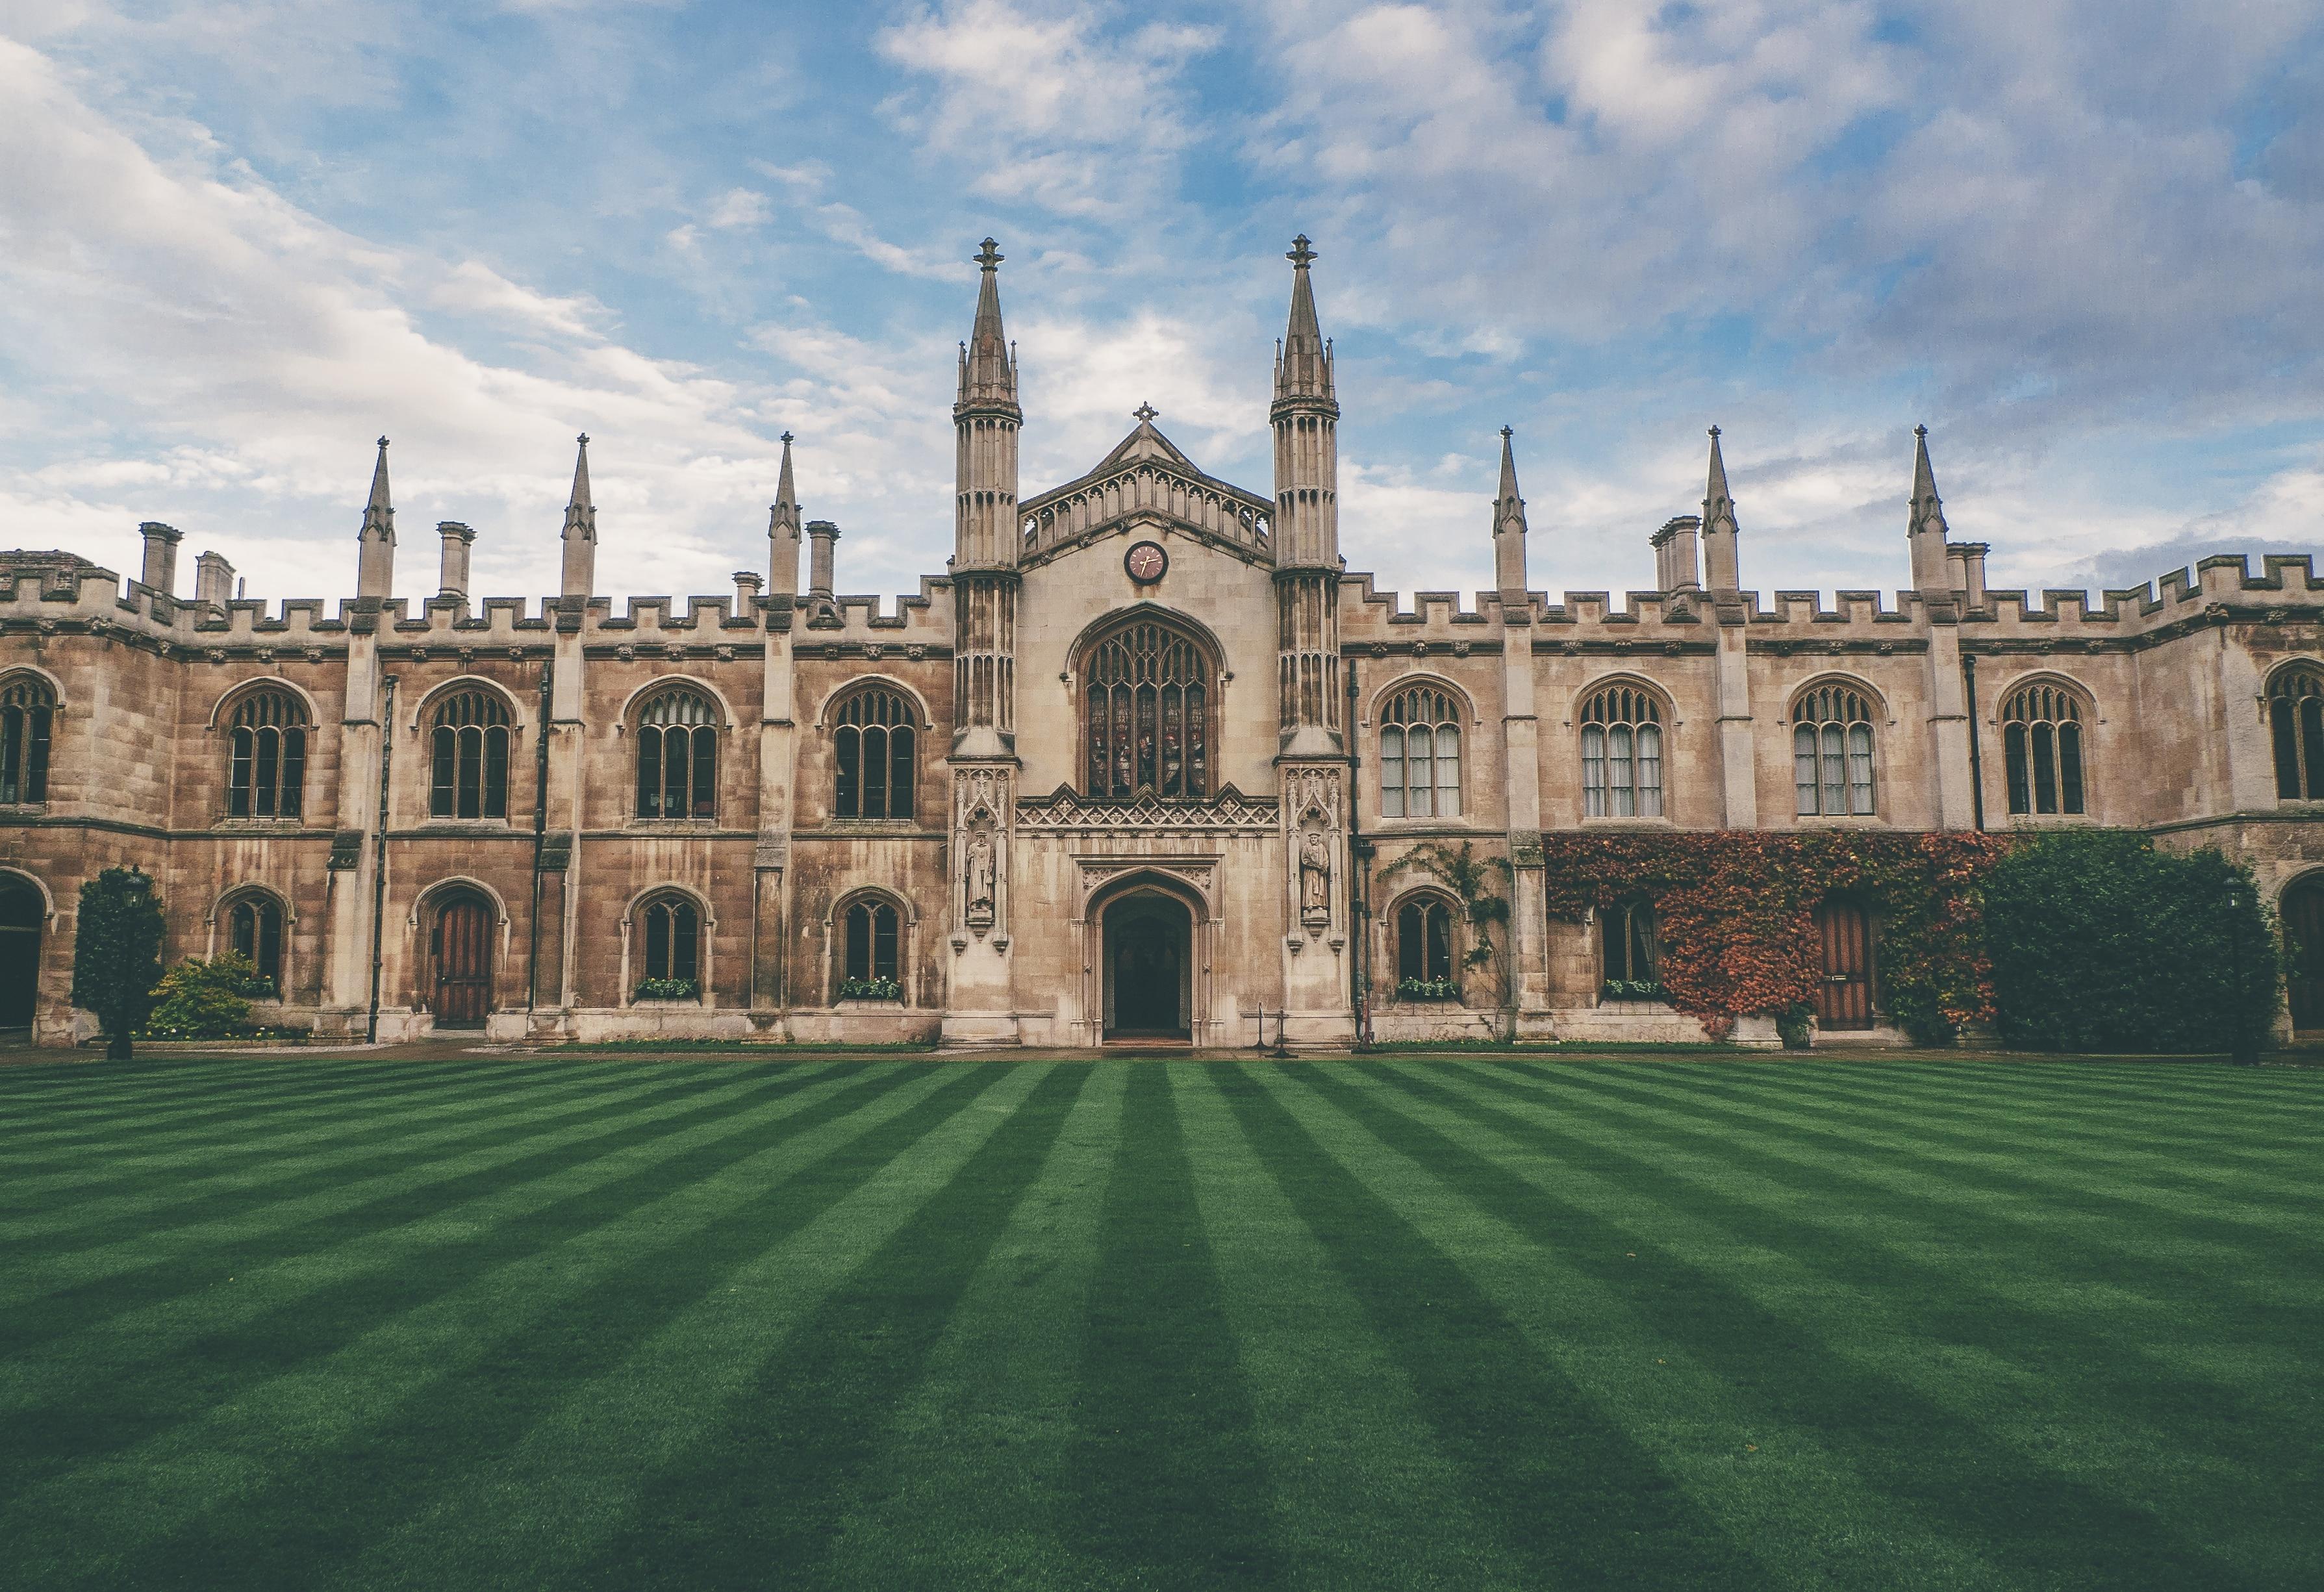 séjour linguistique angleterre cambridge université